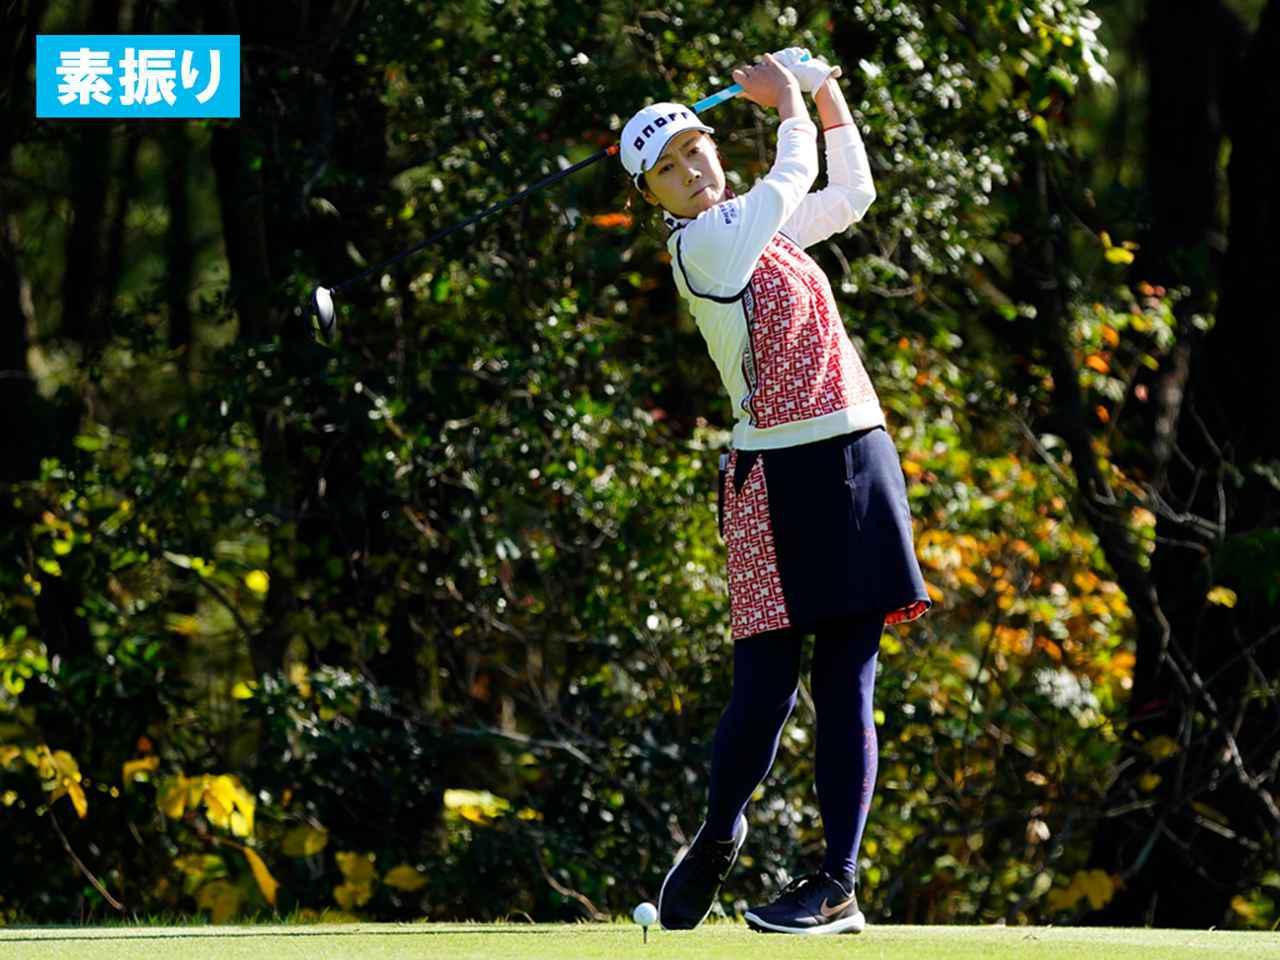 """画像51: 【プレショットルーティン調査】女子プロゴルファー上位32人をチェック! 2タイプに分かれた""""アドレスの入り方"""""""